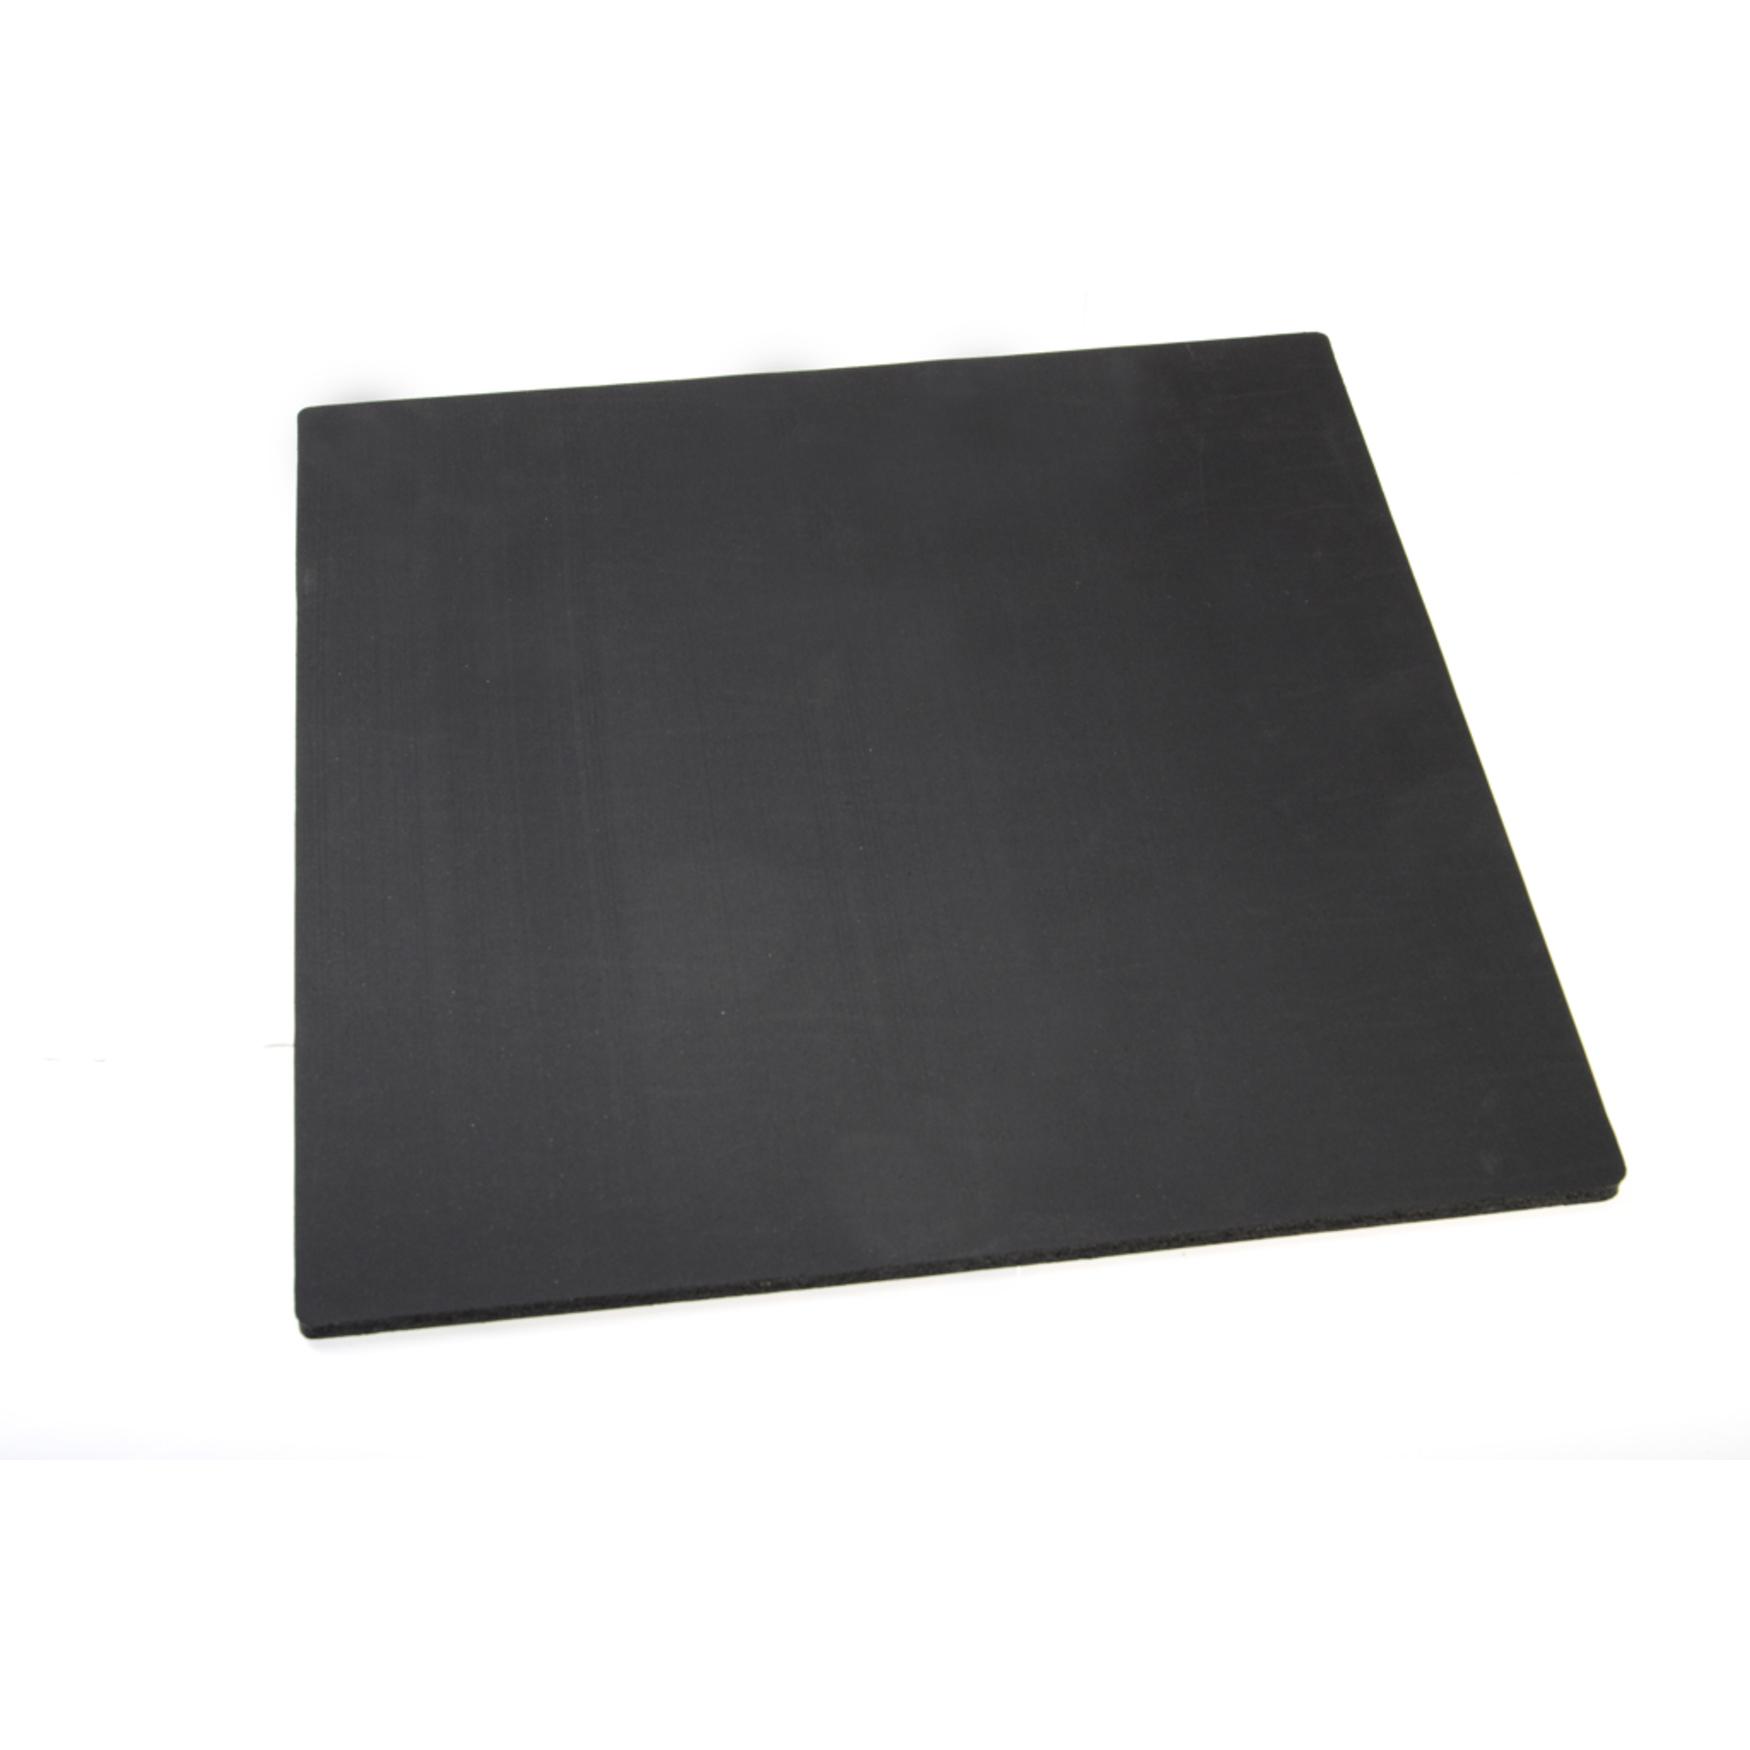 Silicone foam sheet 38cm x 38cm